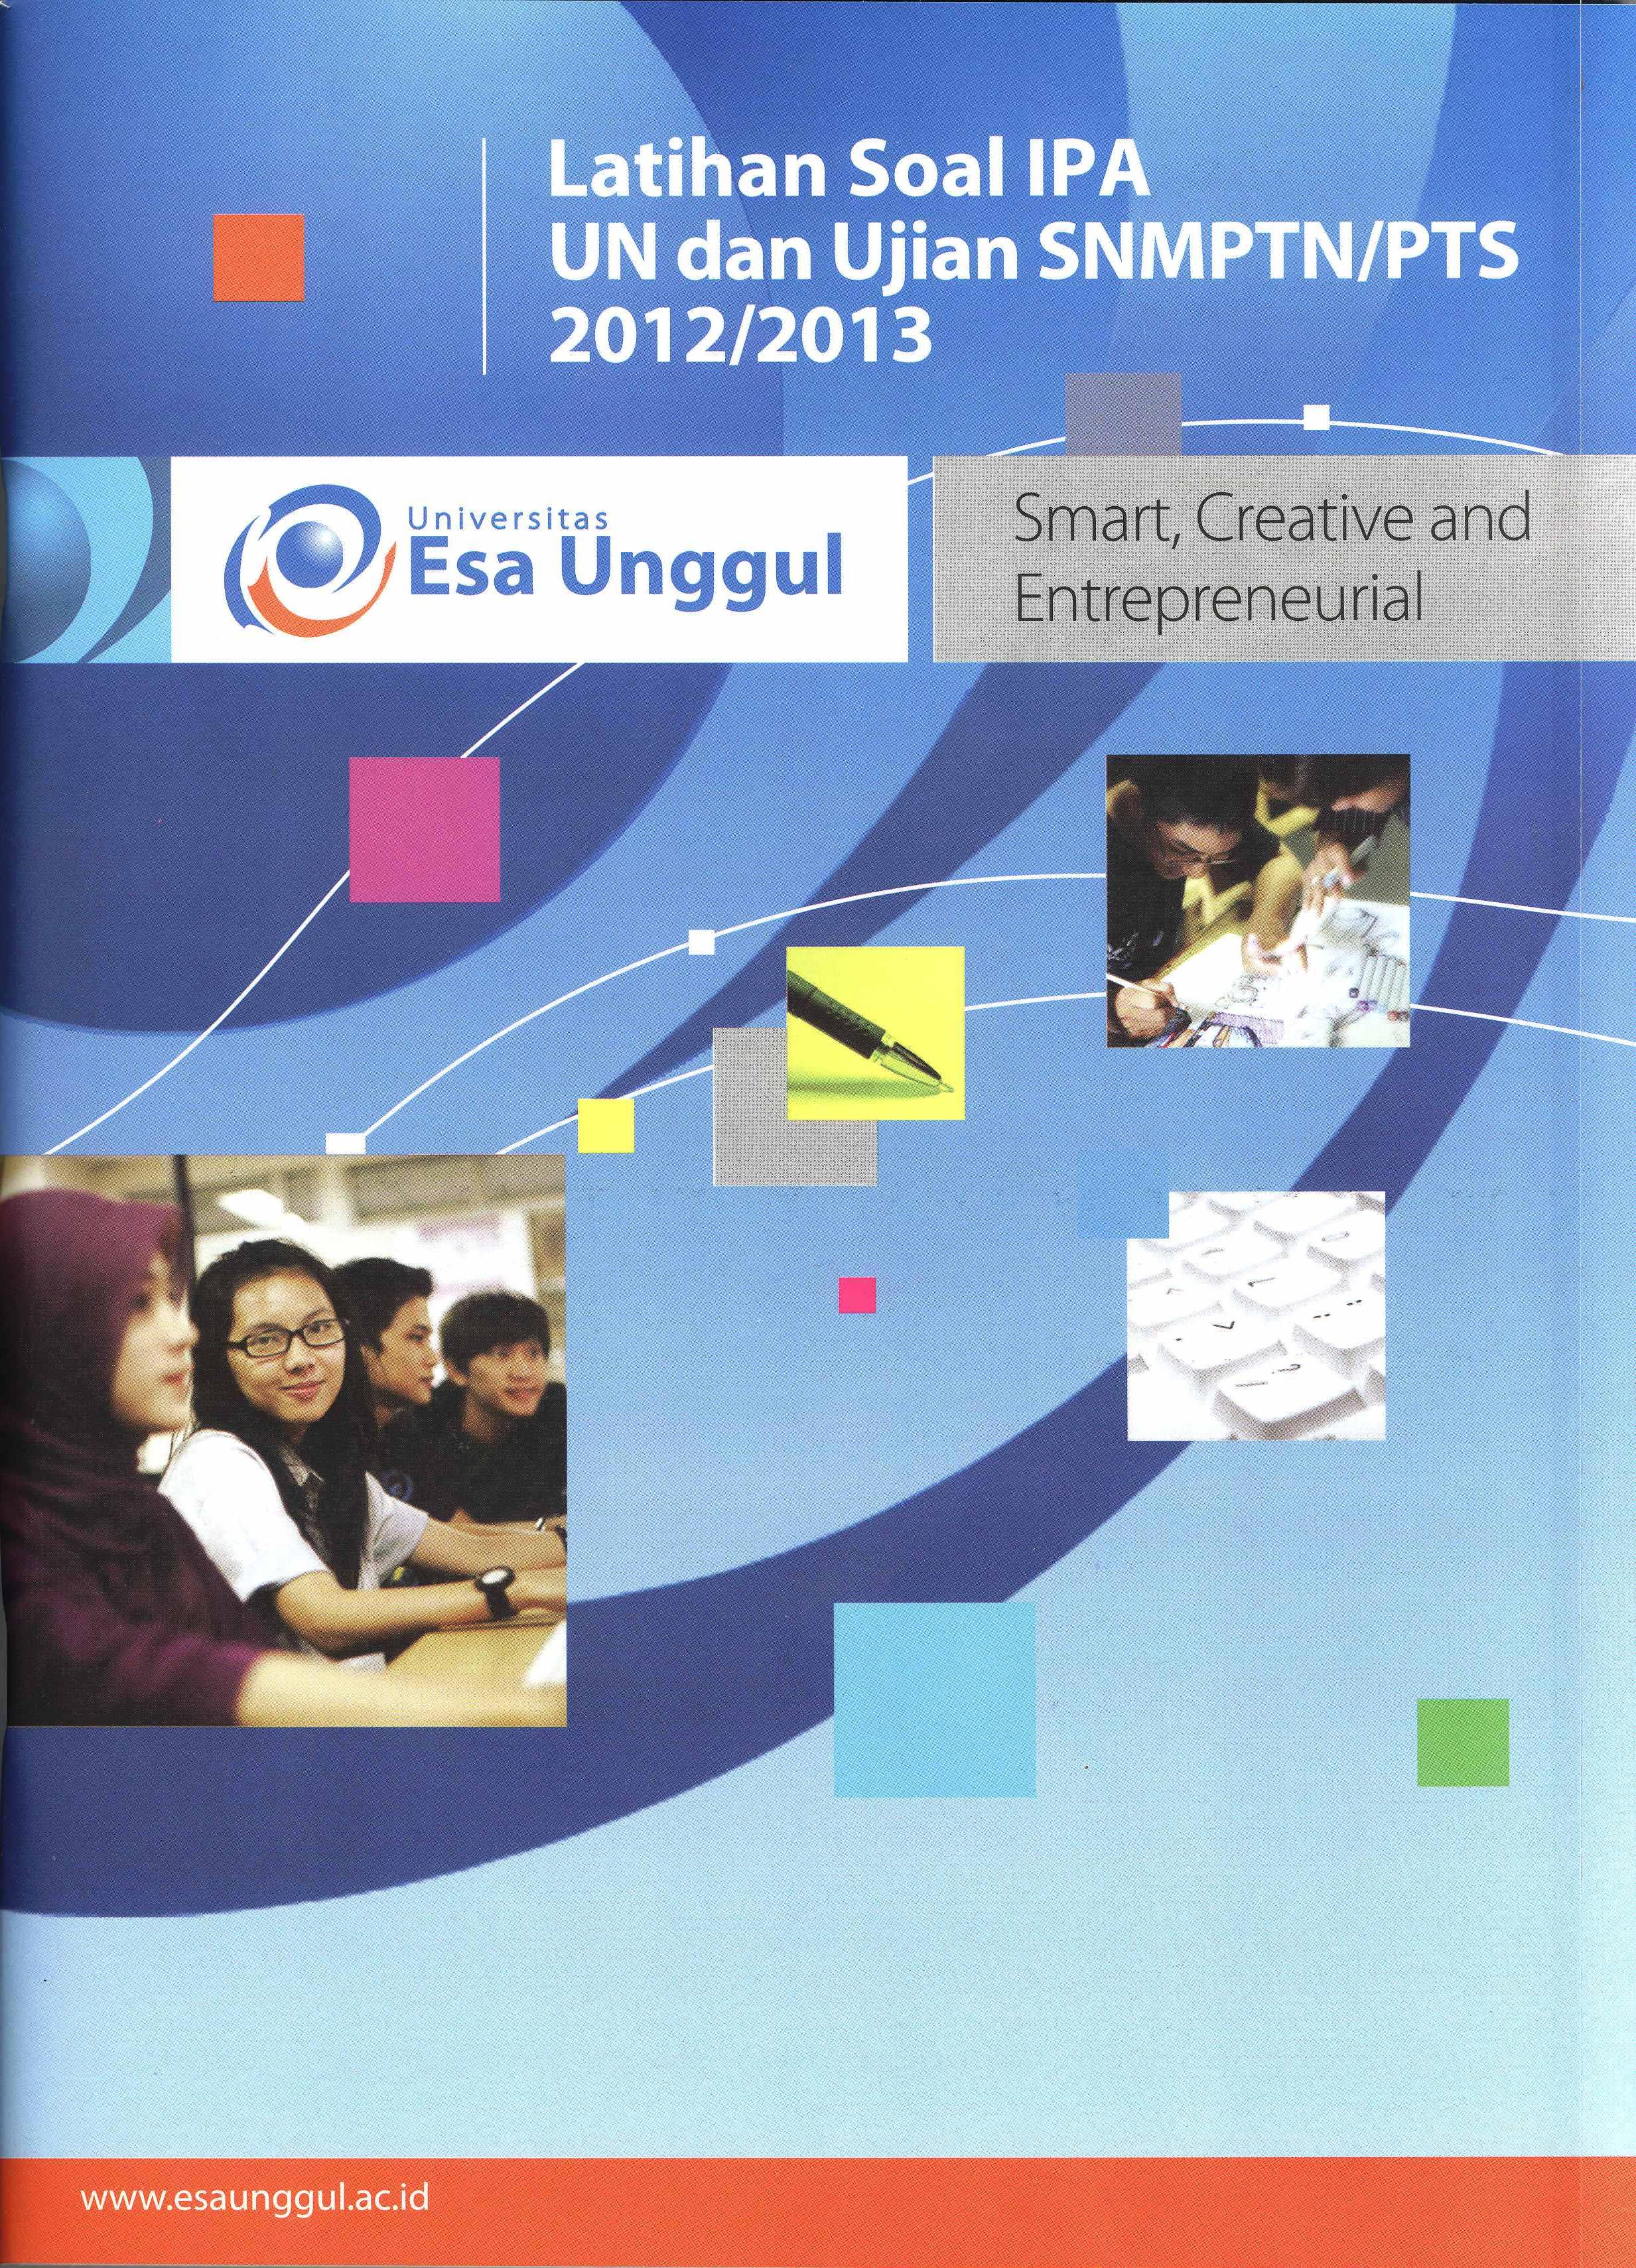 Latihan Soal IPA – UN dan SNMPTN/PTS 2012/2013